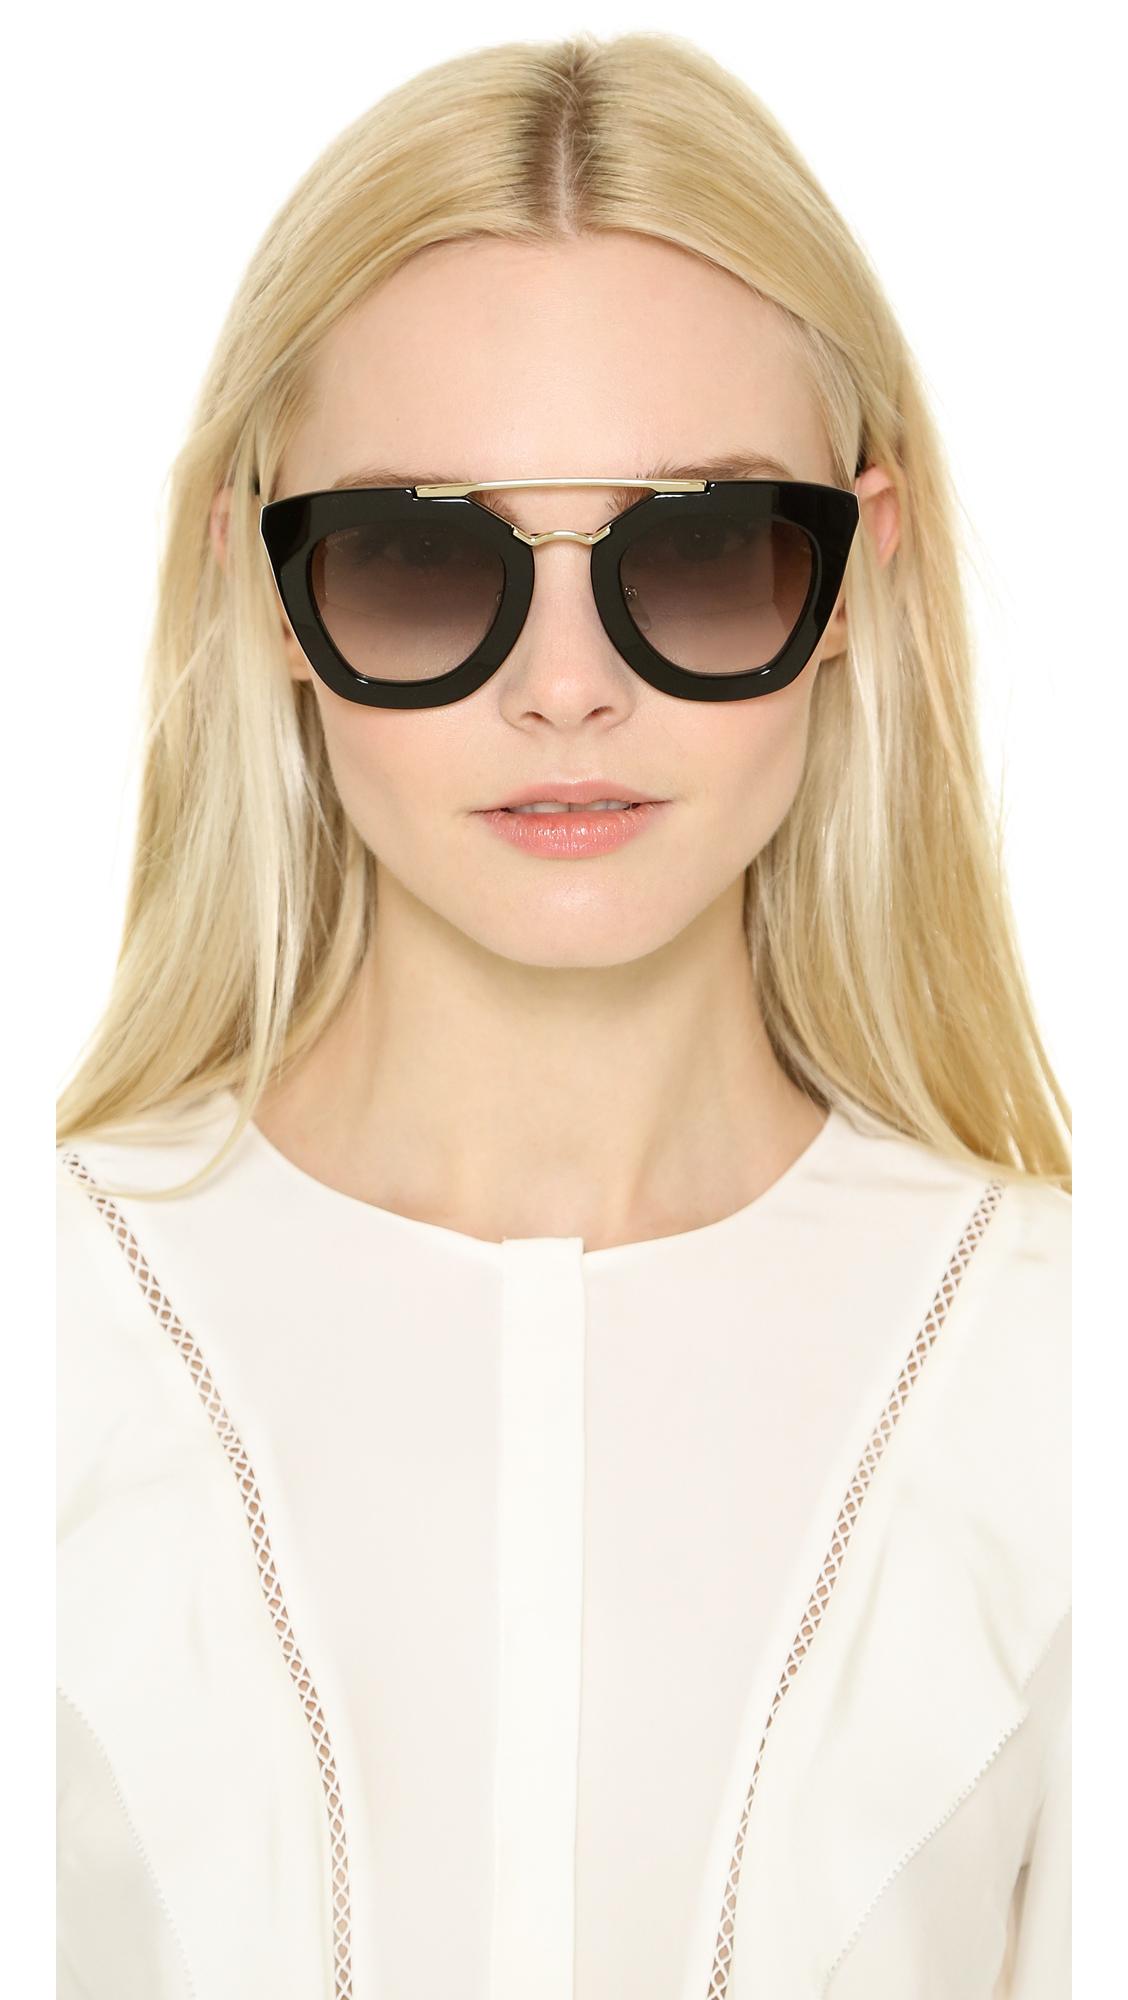 df7266edfa3 Prada Thick Frame Sunglasses